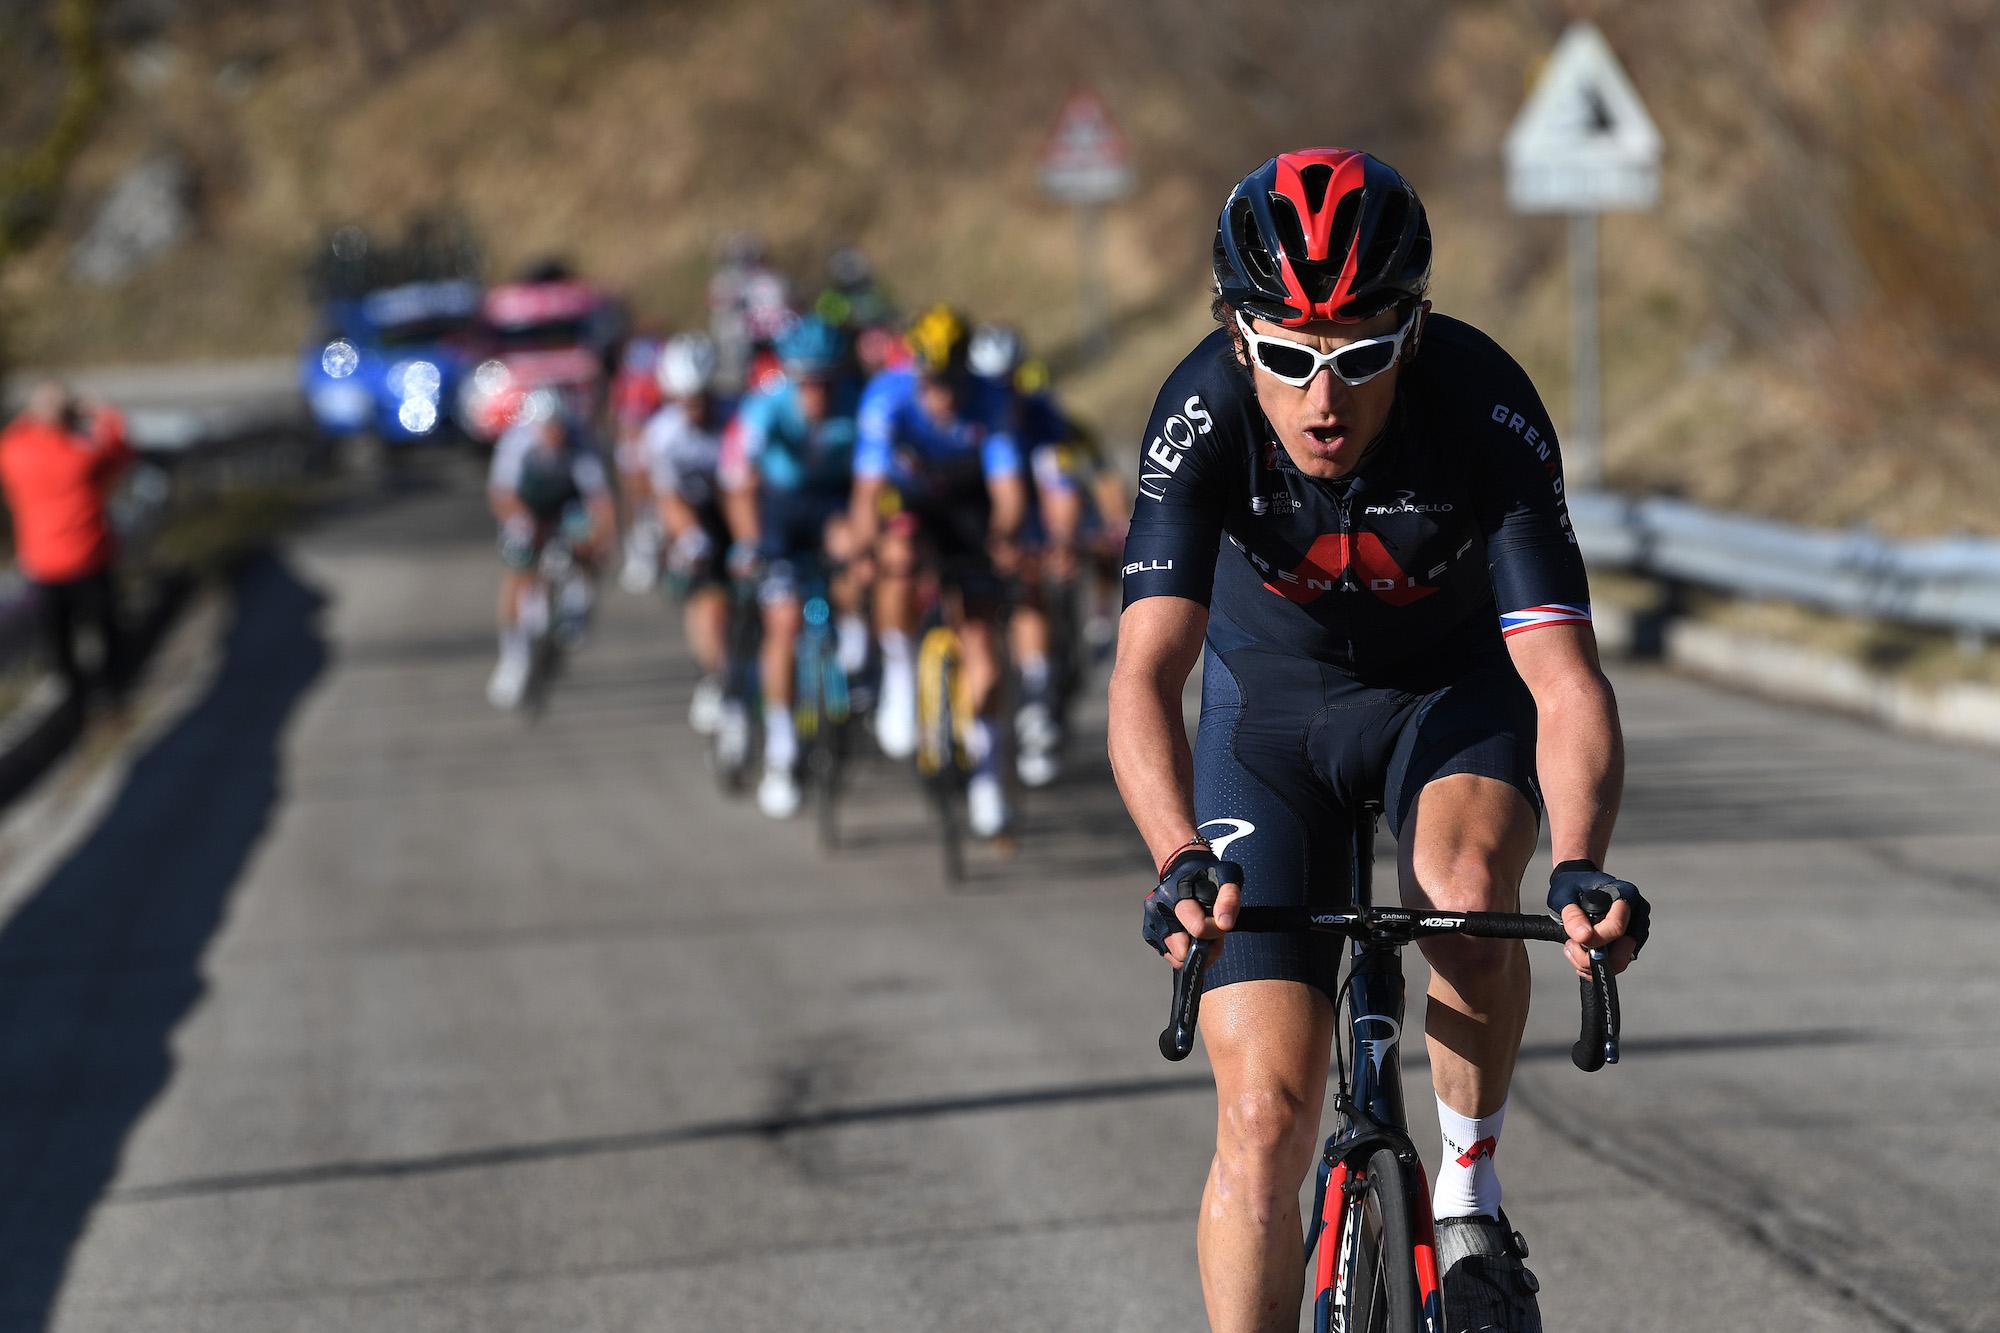 Geraint Thomas doet het 'beter dan verwacht' terwijl hij vasthoudt aan GC top 10 in Tirreno-Adriatico